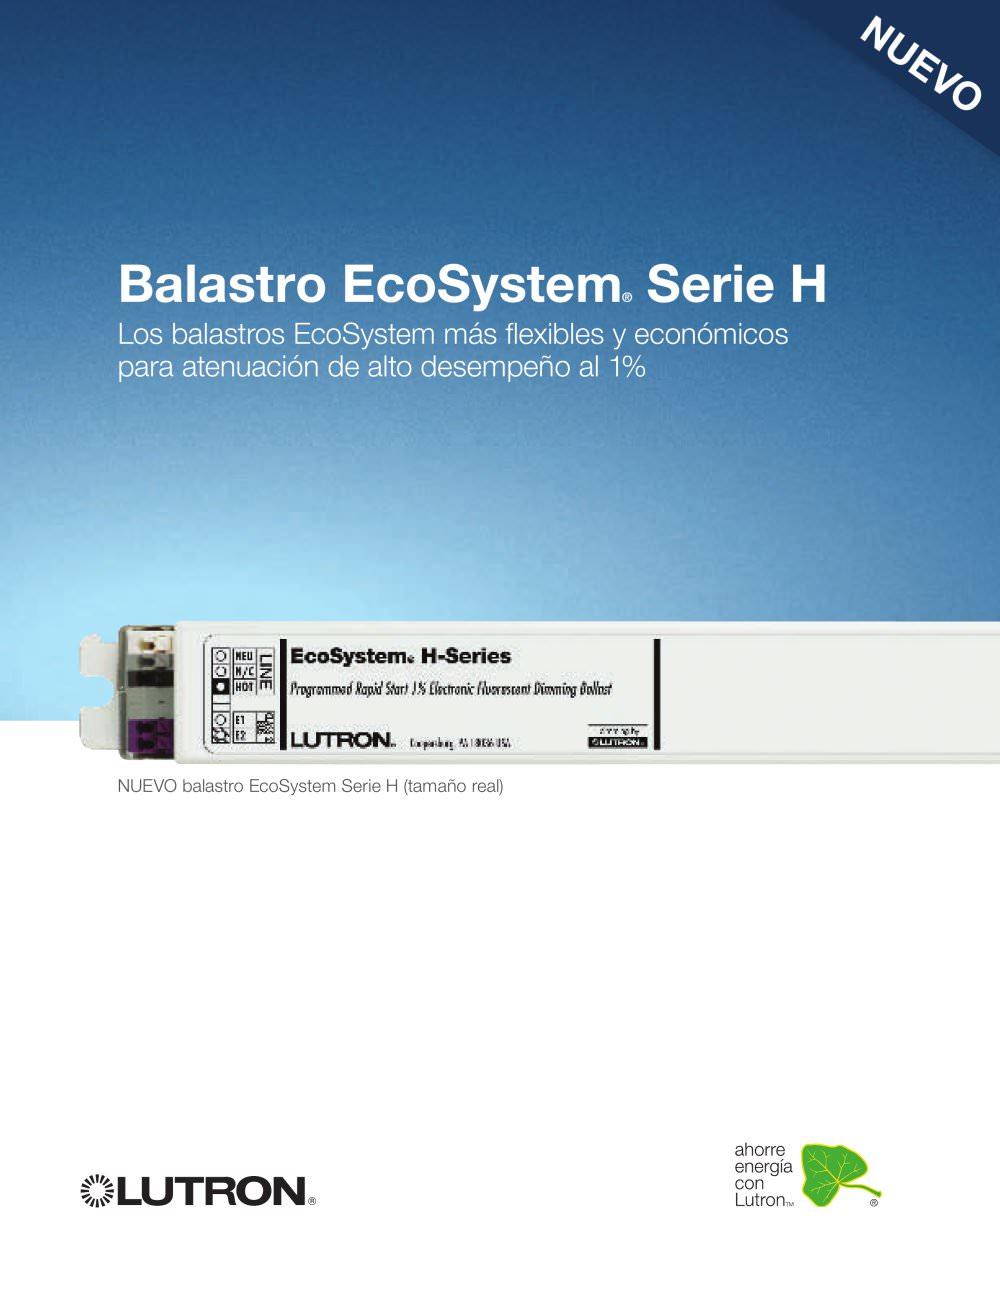 EcoSystem® H-Series Ballast - LUTRON ELECTRONICS - Catálogo PDF ...